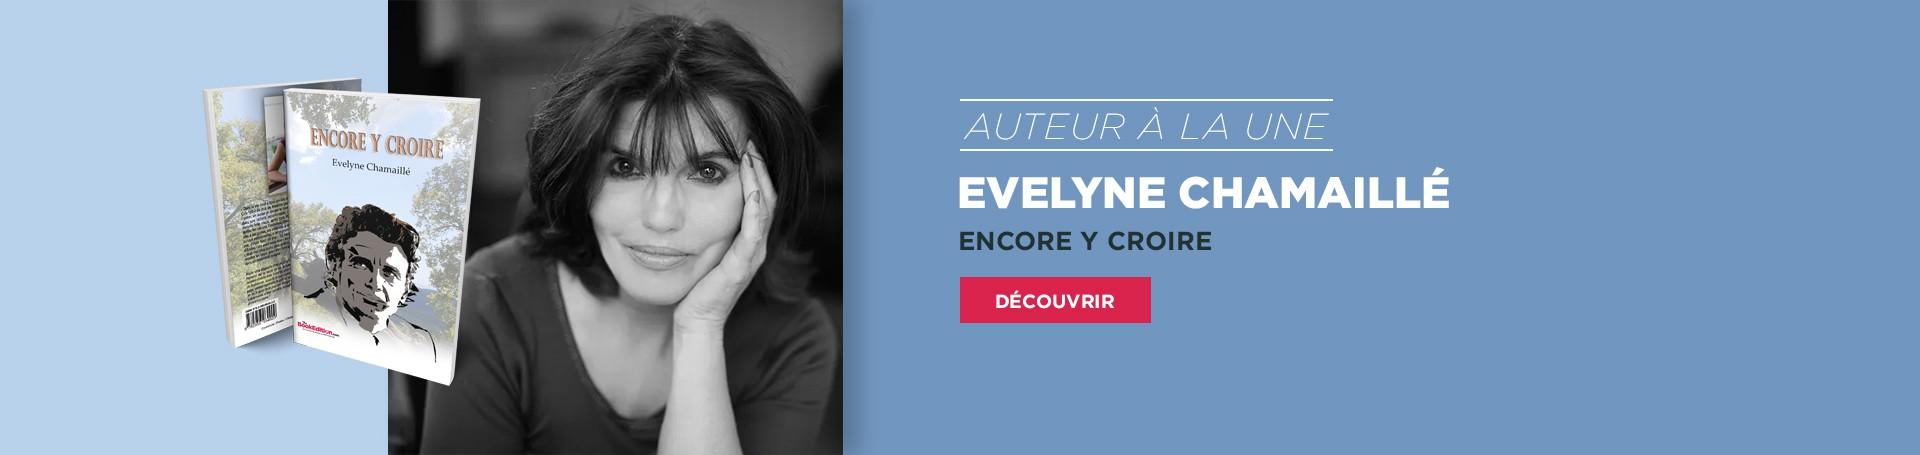 Auteur à la une - Evelyne Chamaillé